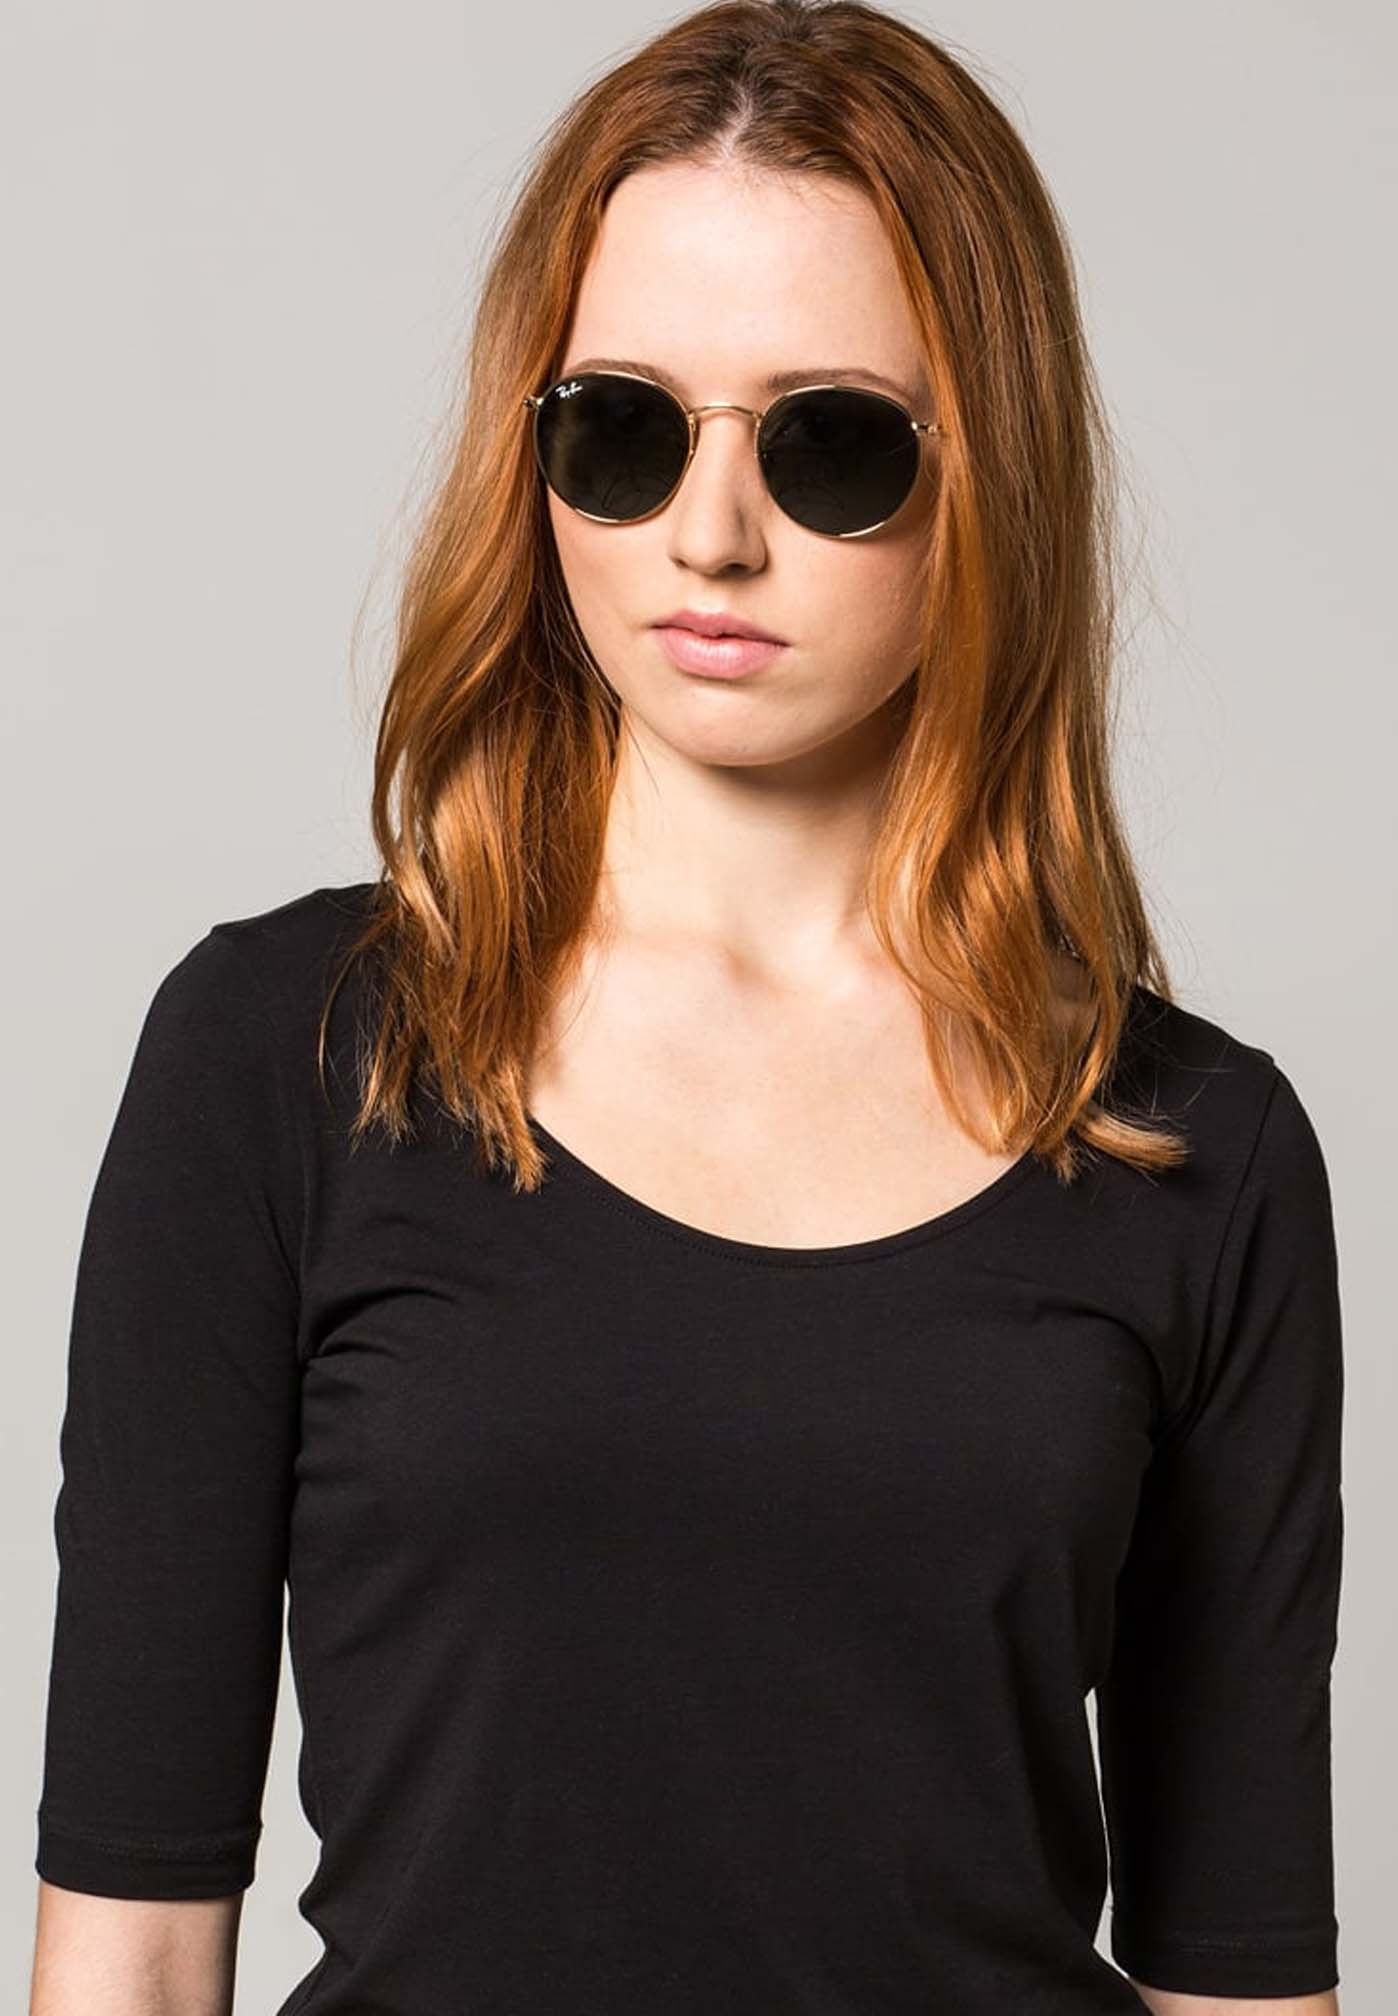 Sonnenbrille für eckiges Gesicht